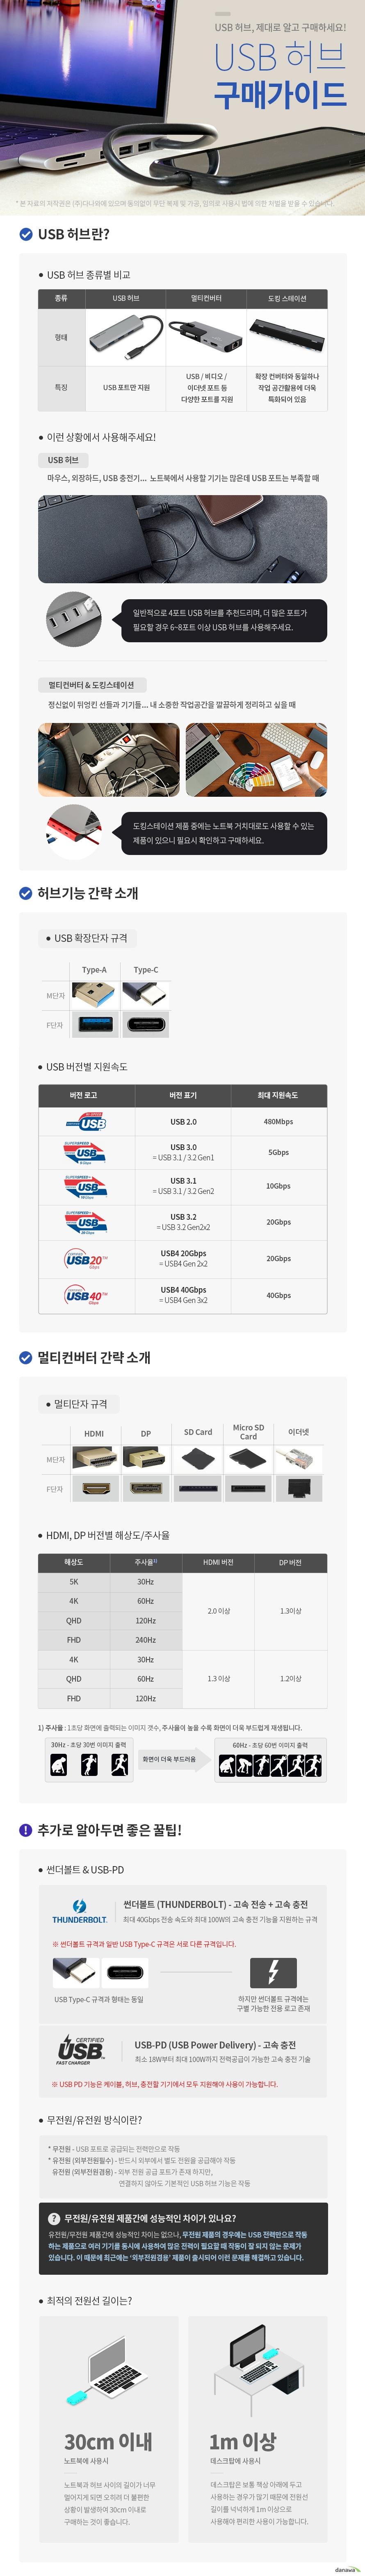 시스템베이스 uGate-401F (4포트/USB 1.1)